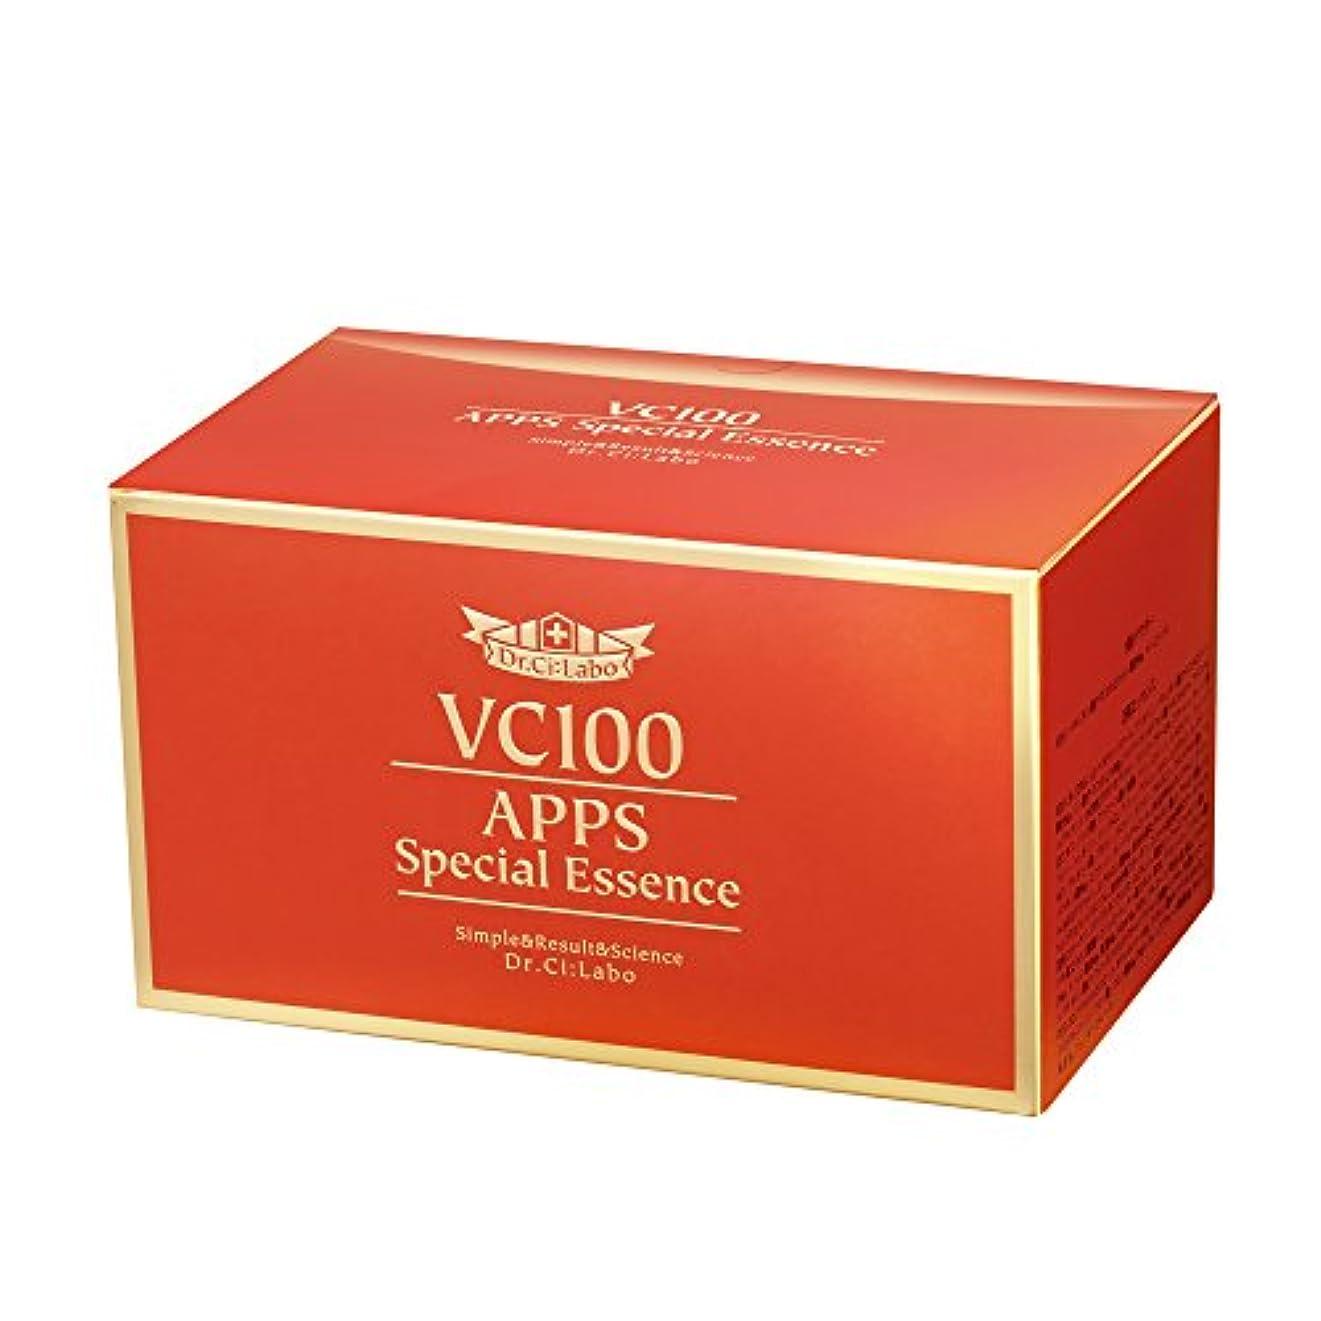 ドクターシーラボ VC100APPSスペシャルエッセンス 7日分×4セット 集中美容液